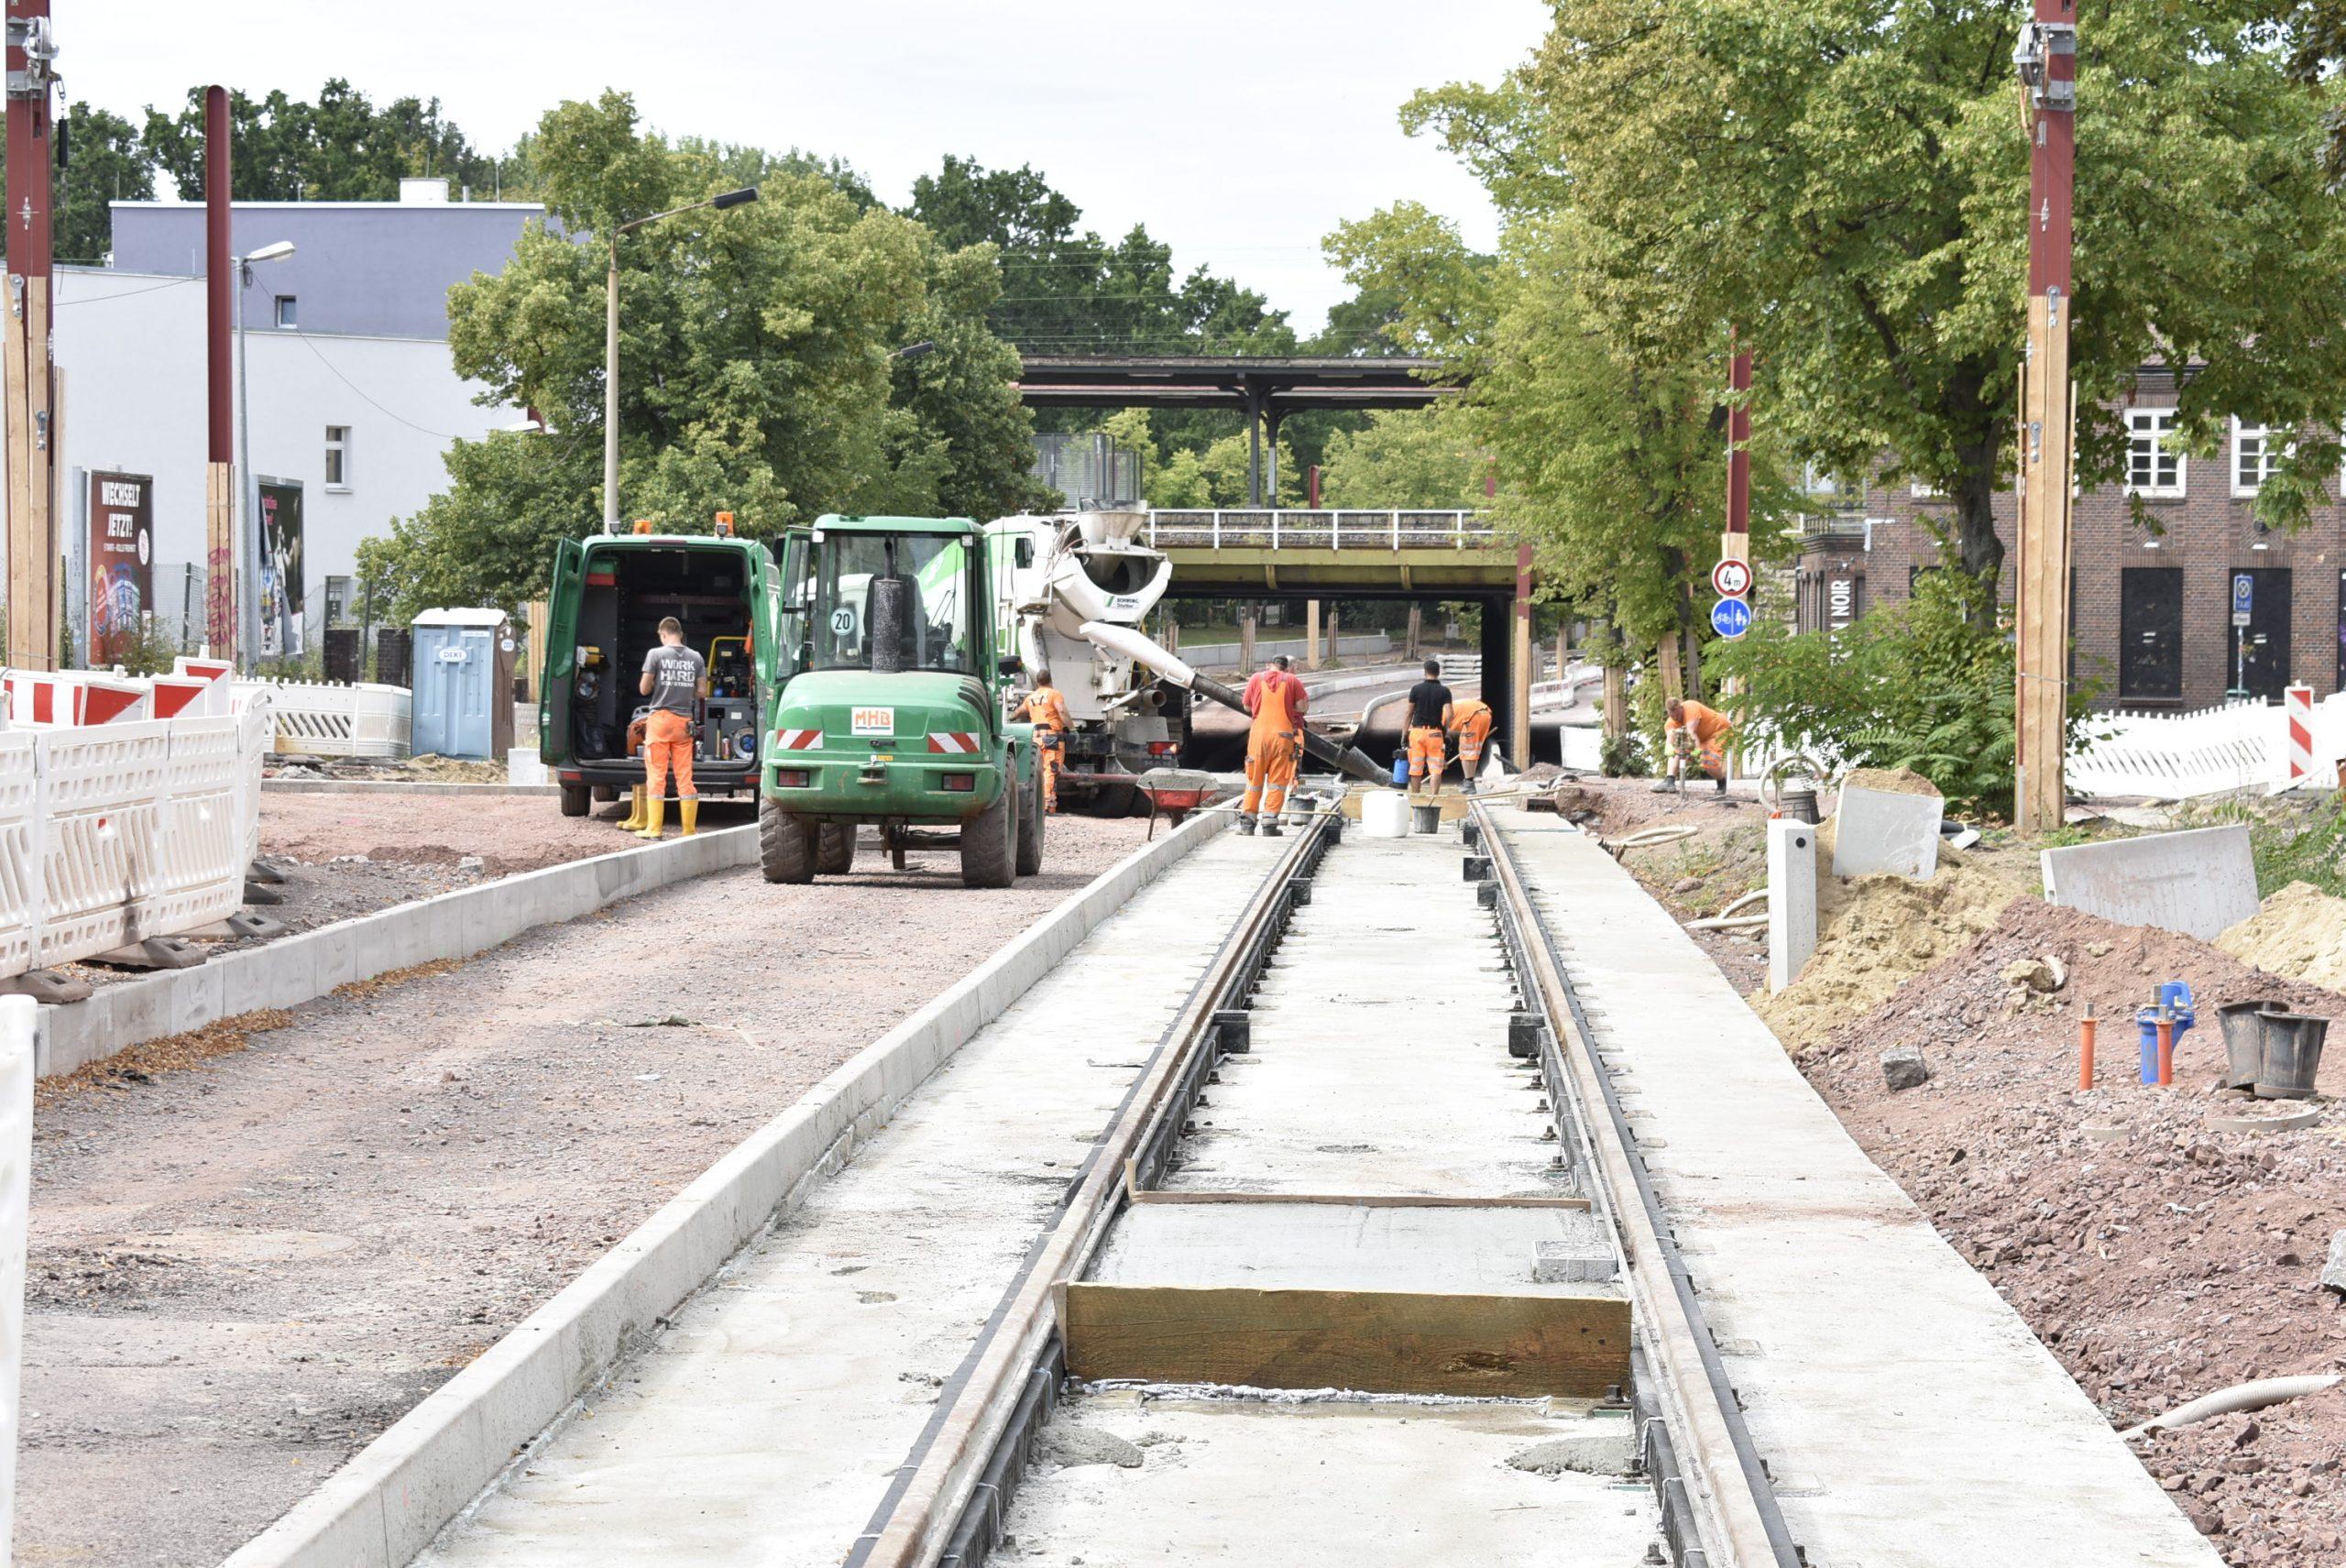 Gleisbauarbeiten vor dem Buckauer Bahnhof.